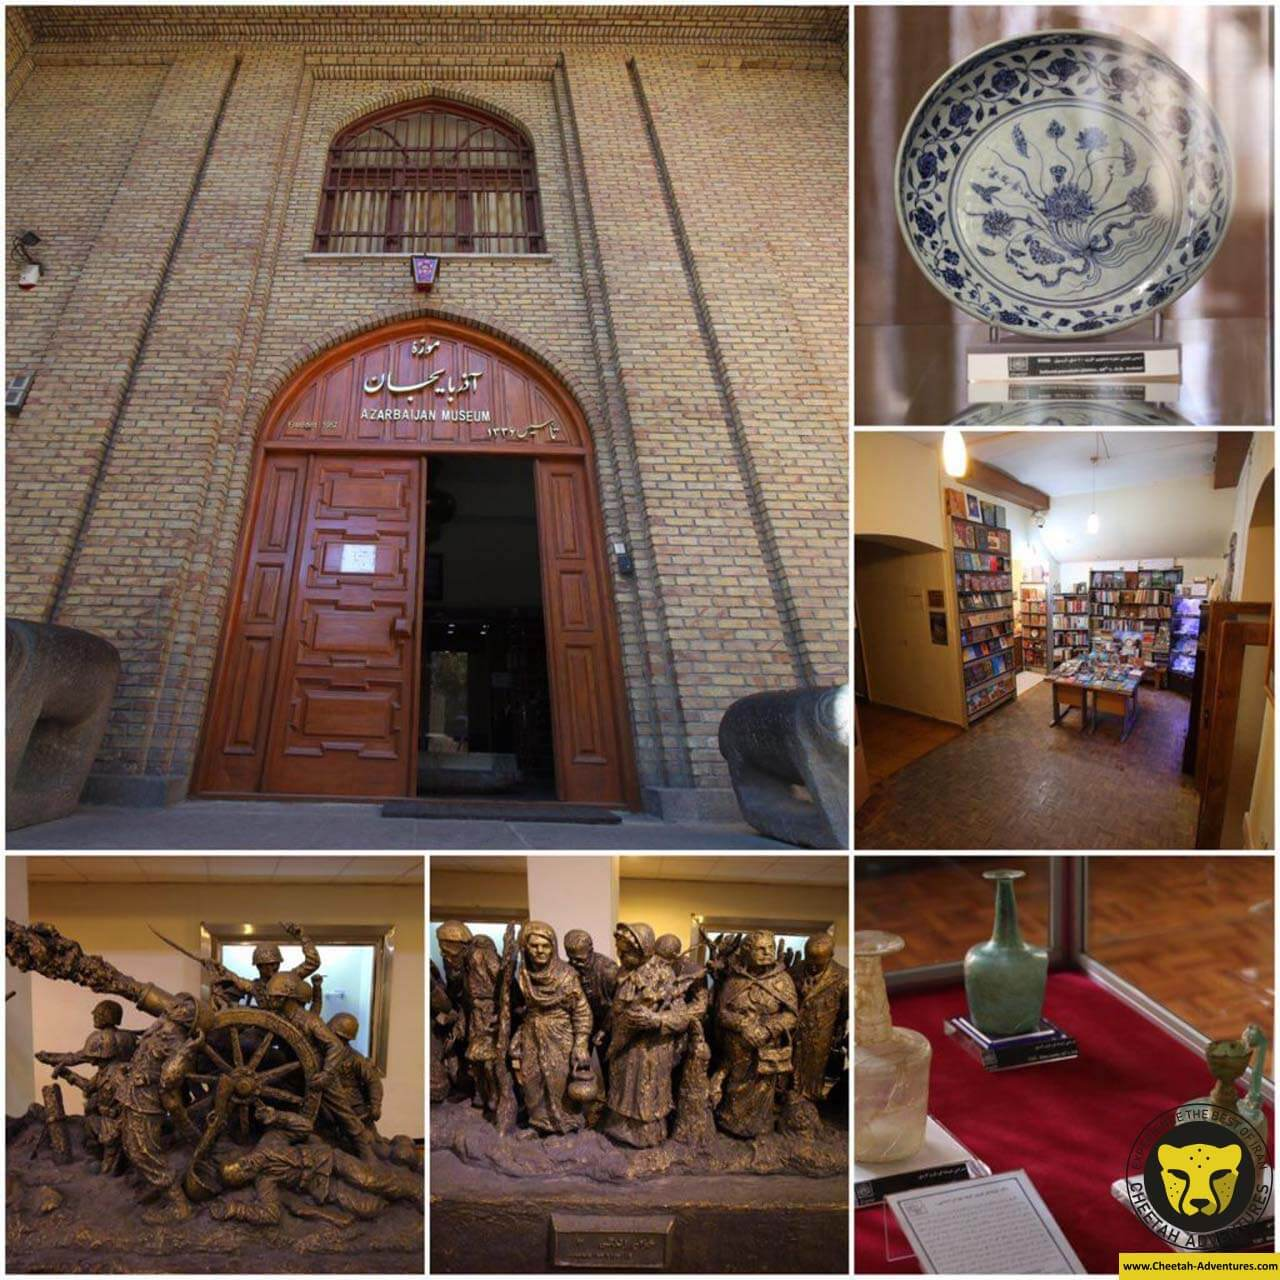 Azeribaijan Museum Tabriz cultural guide